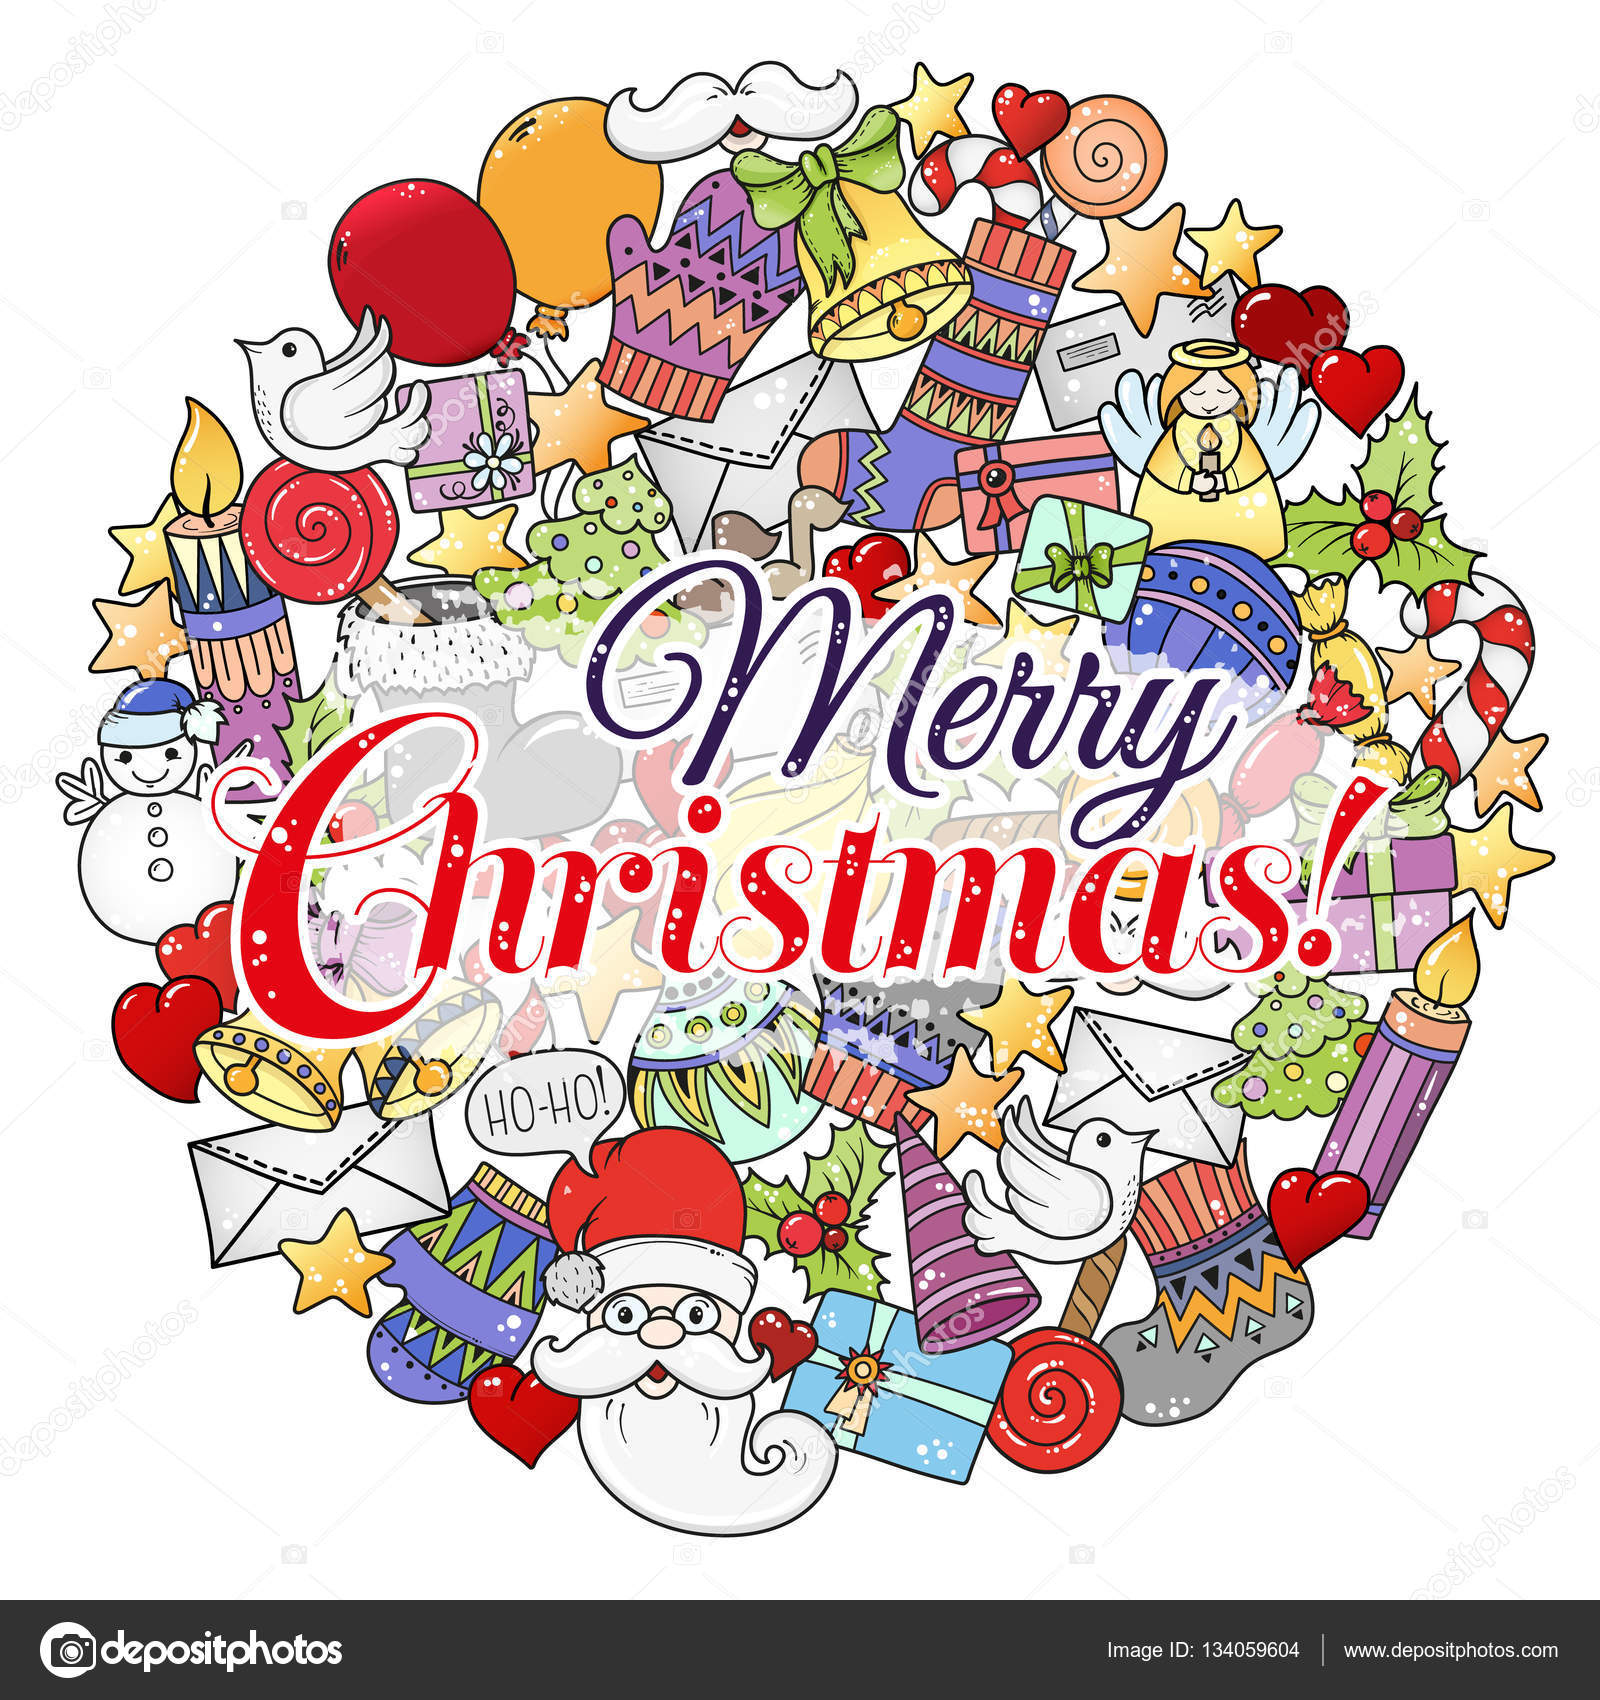 Stampa Biglietti Di Natale.Insieme Di Natale Merry Del Reticolo Colorato Di Natale Ideale Per